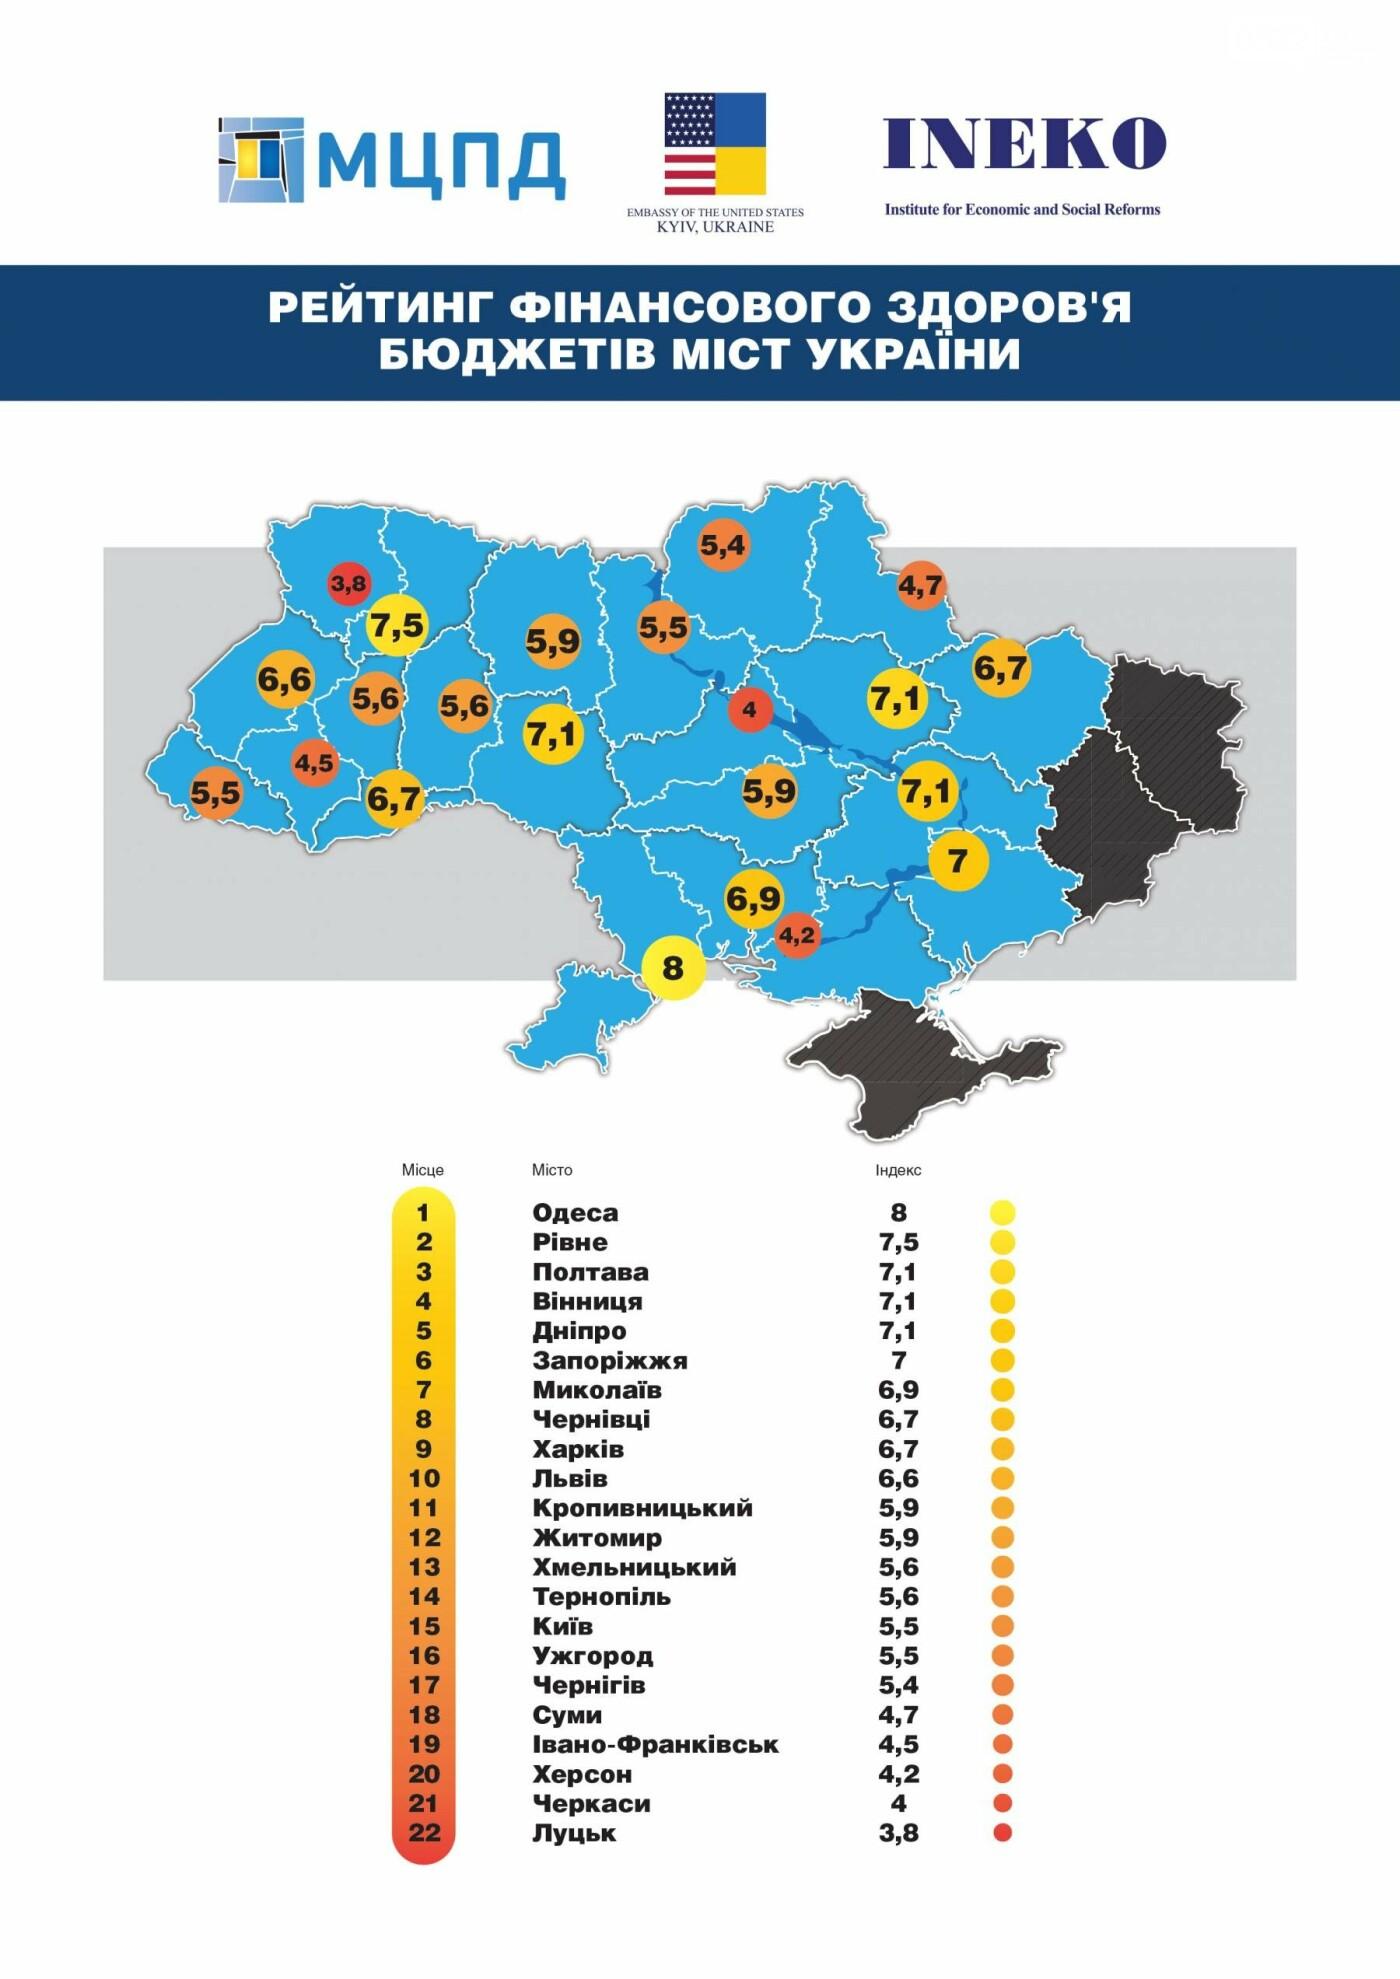 Кропивницький демонструє найкращу динаміку поліпшення фінансового здоров'я бюджетів міст та регіонів України, фото-1